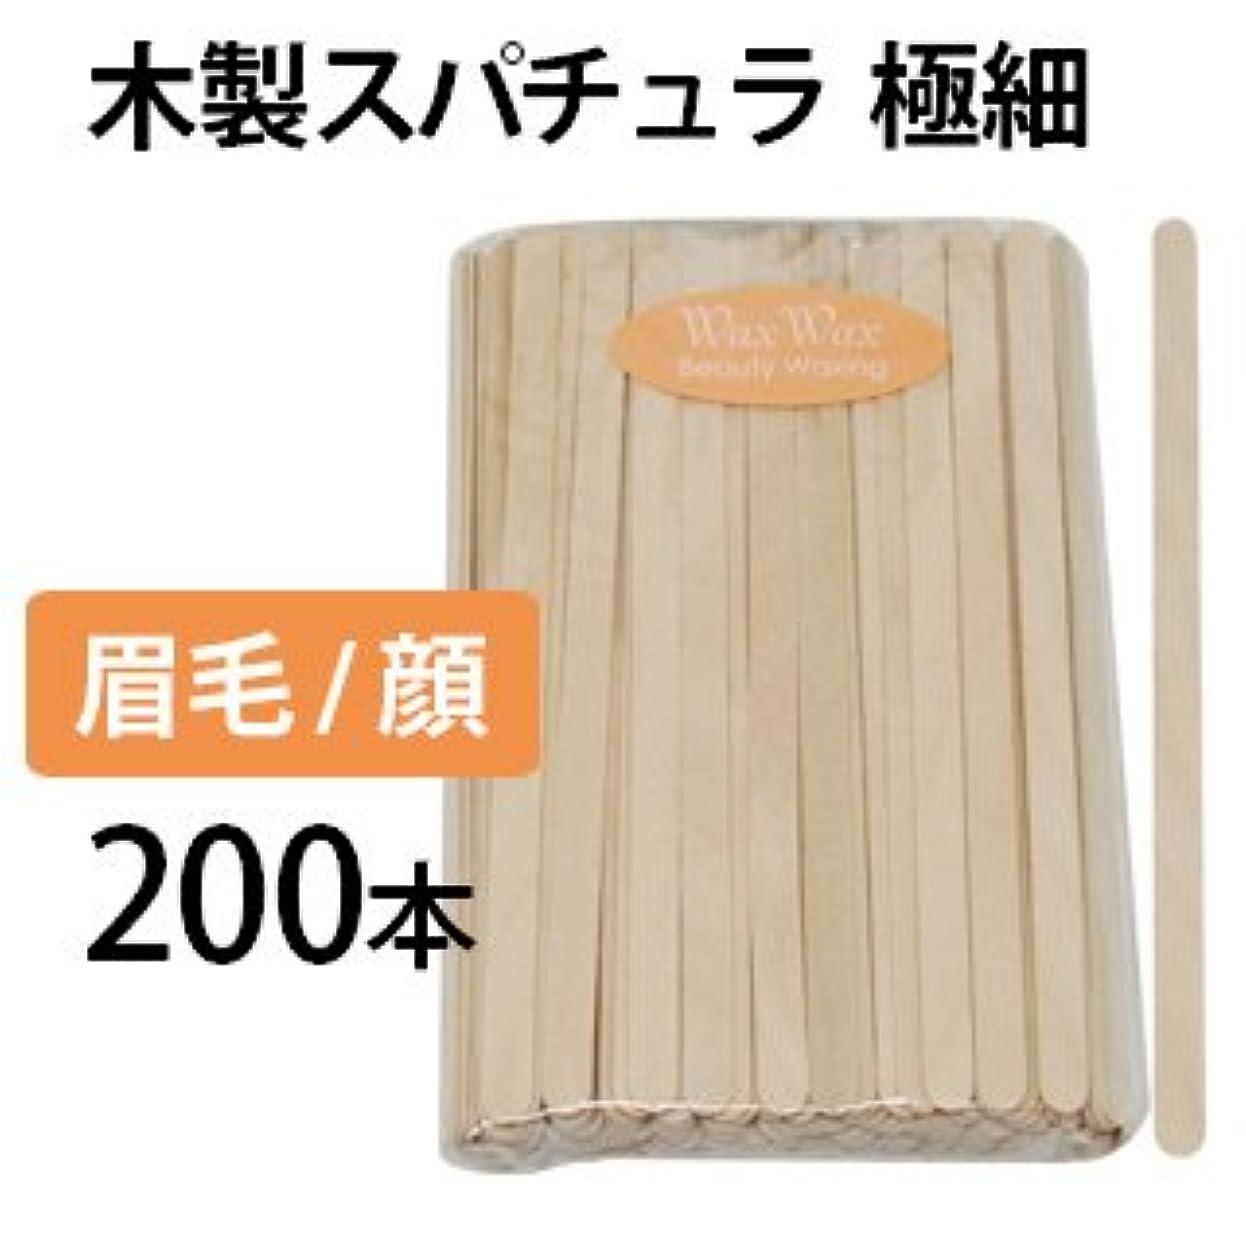 ページ決めますボール眉毛 アイブロウ用スパチュラ 200本セット 極細 木製スパチュラ 使い捨て